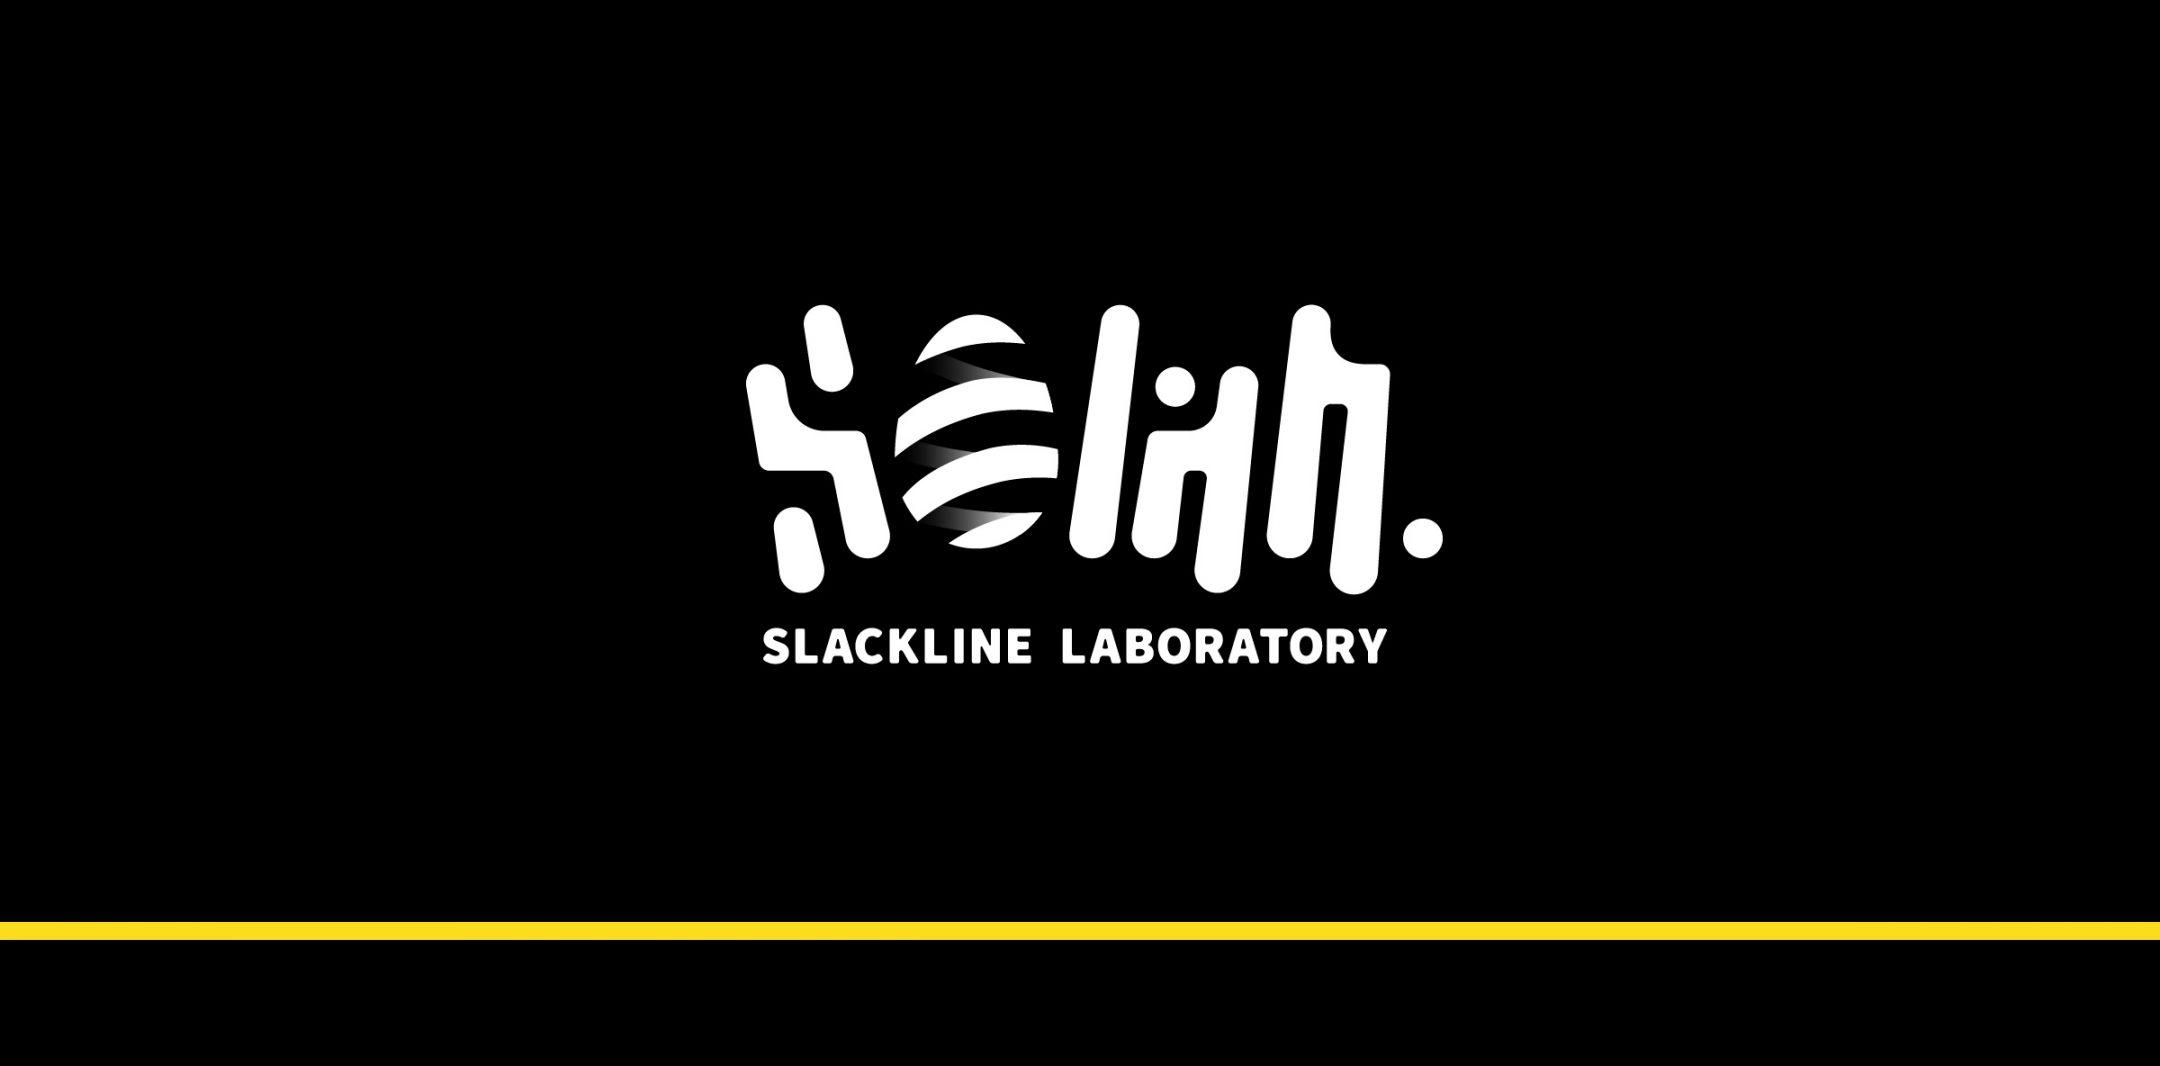 Slackline laboratory